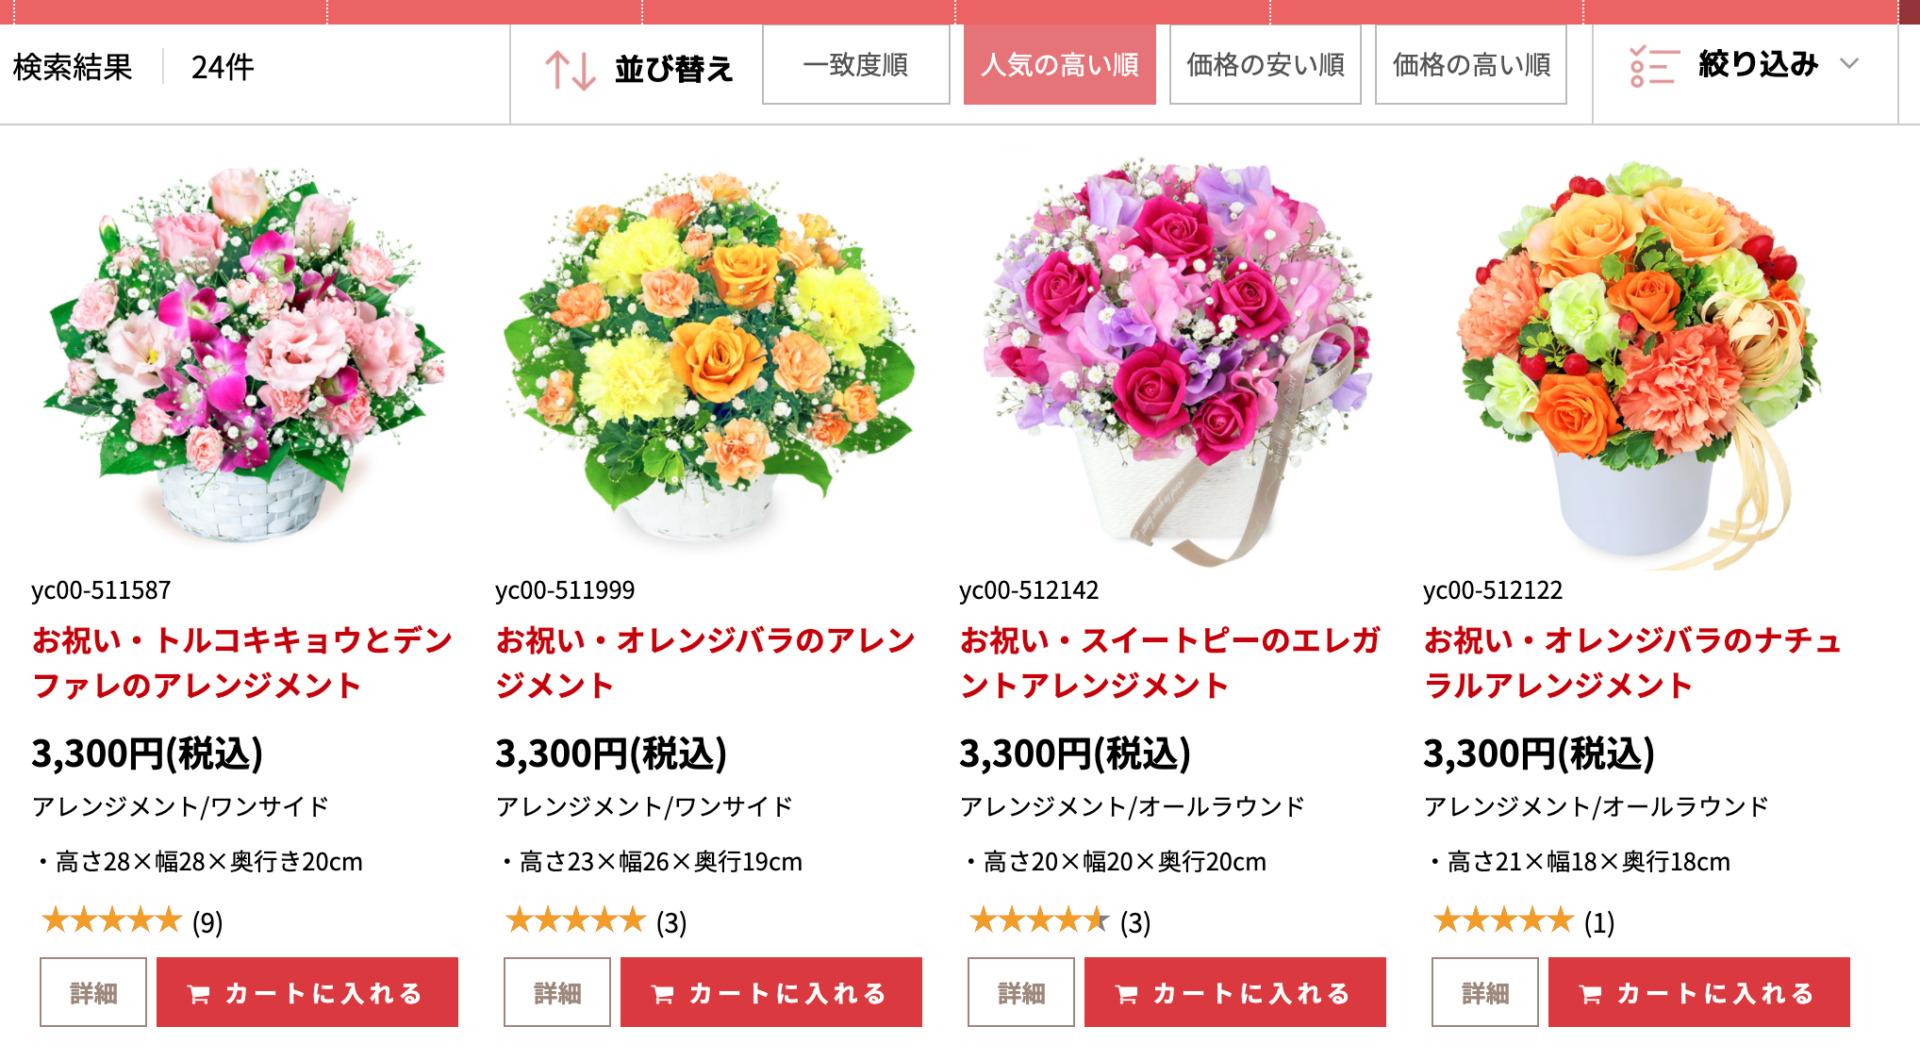 3000円台のお花2